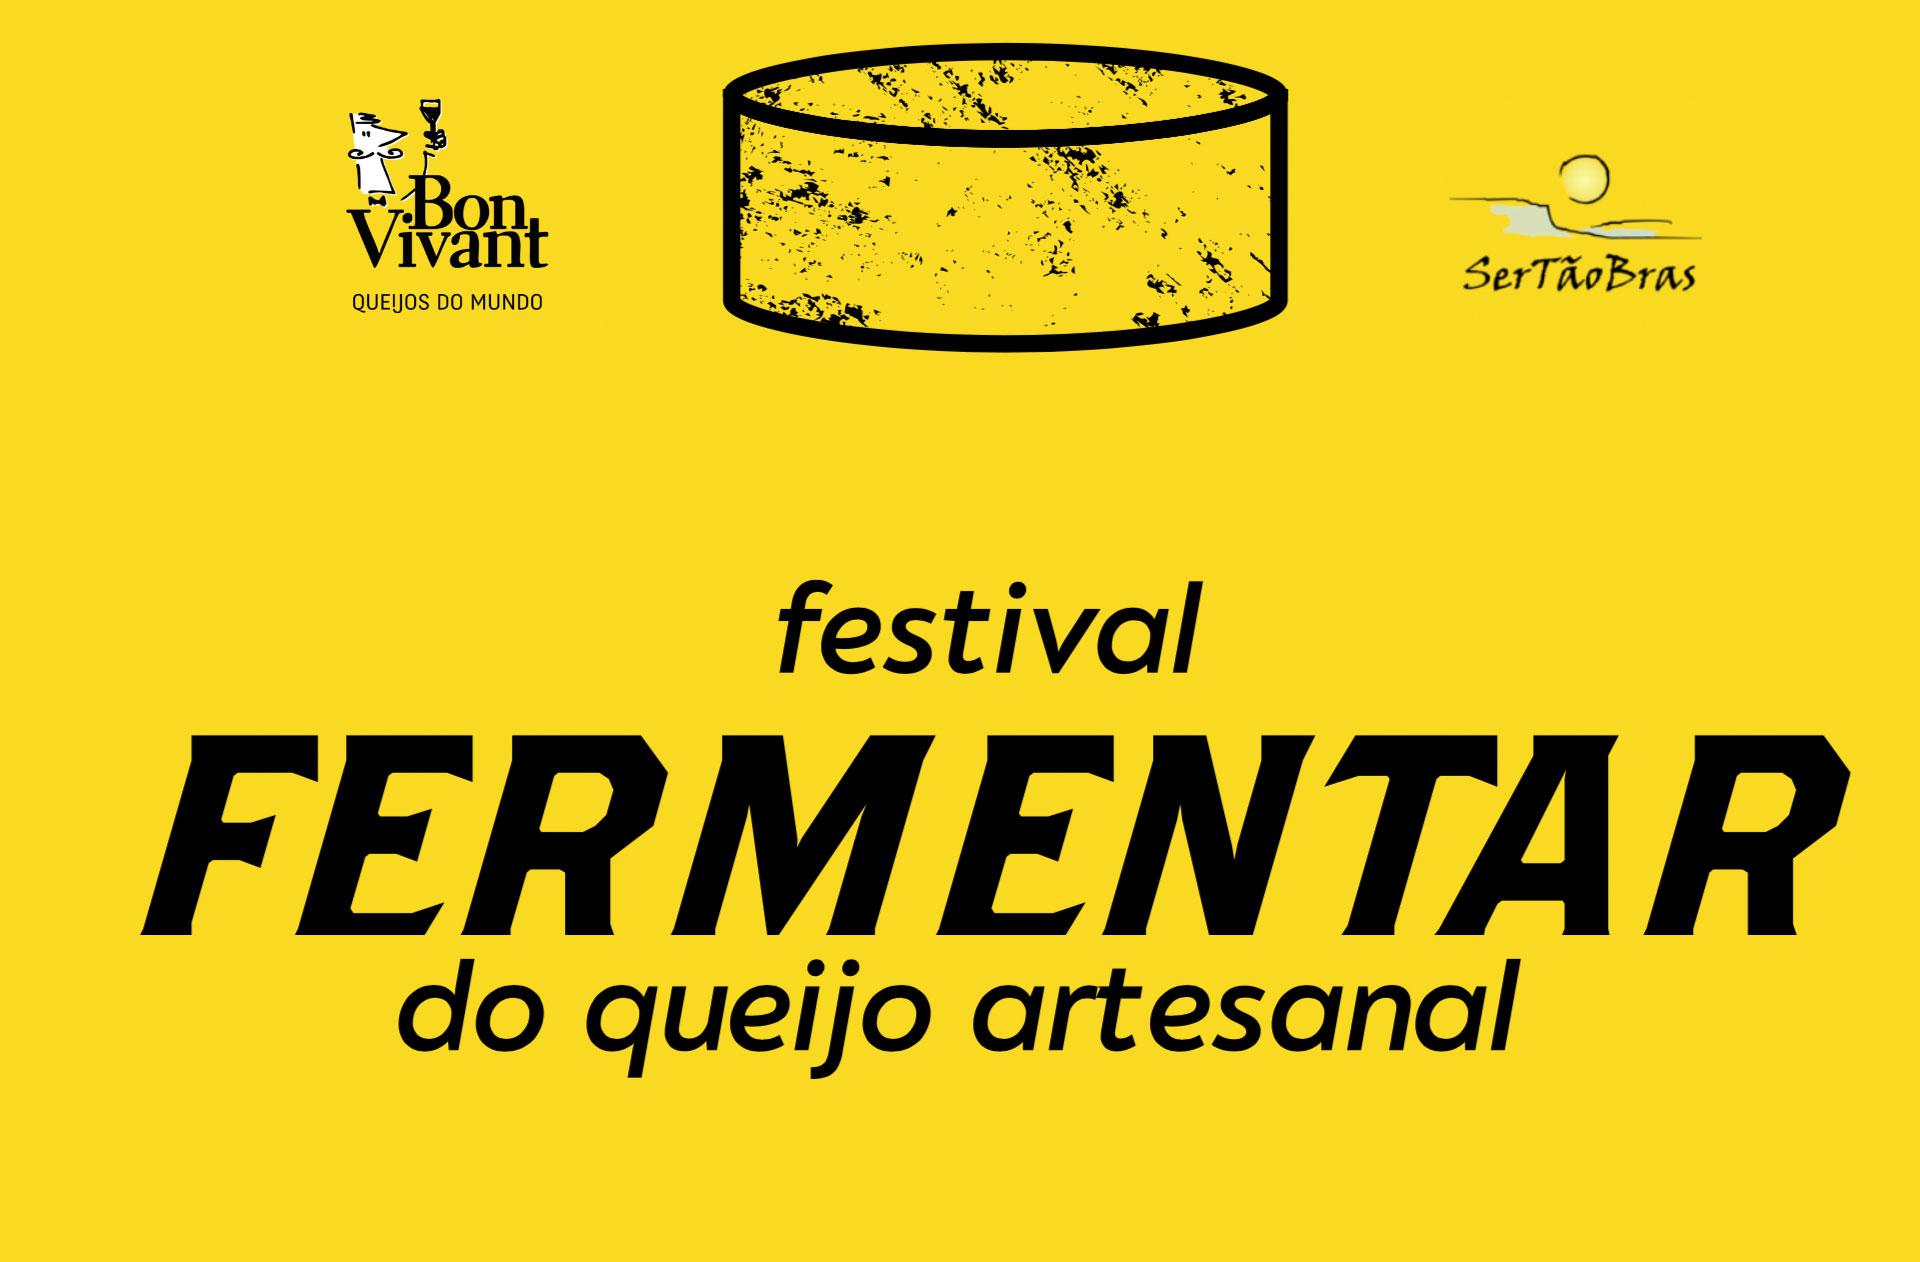 Festival Fermentar